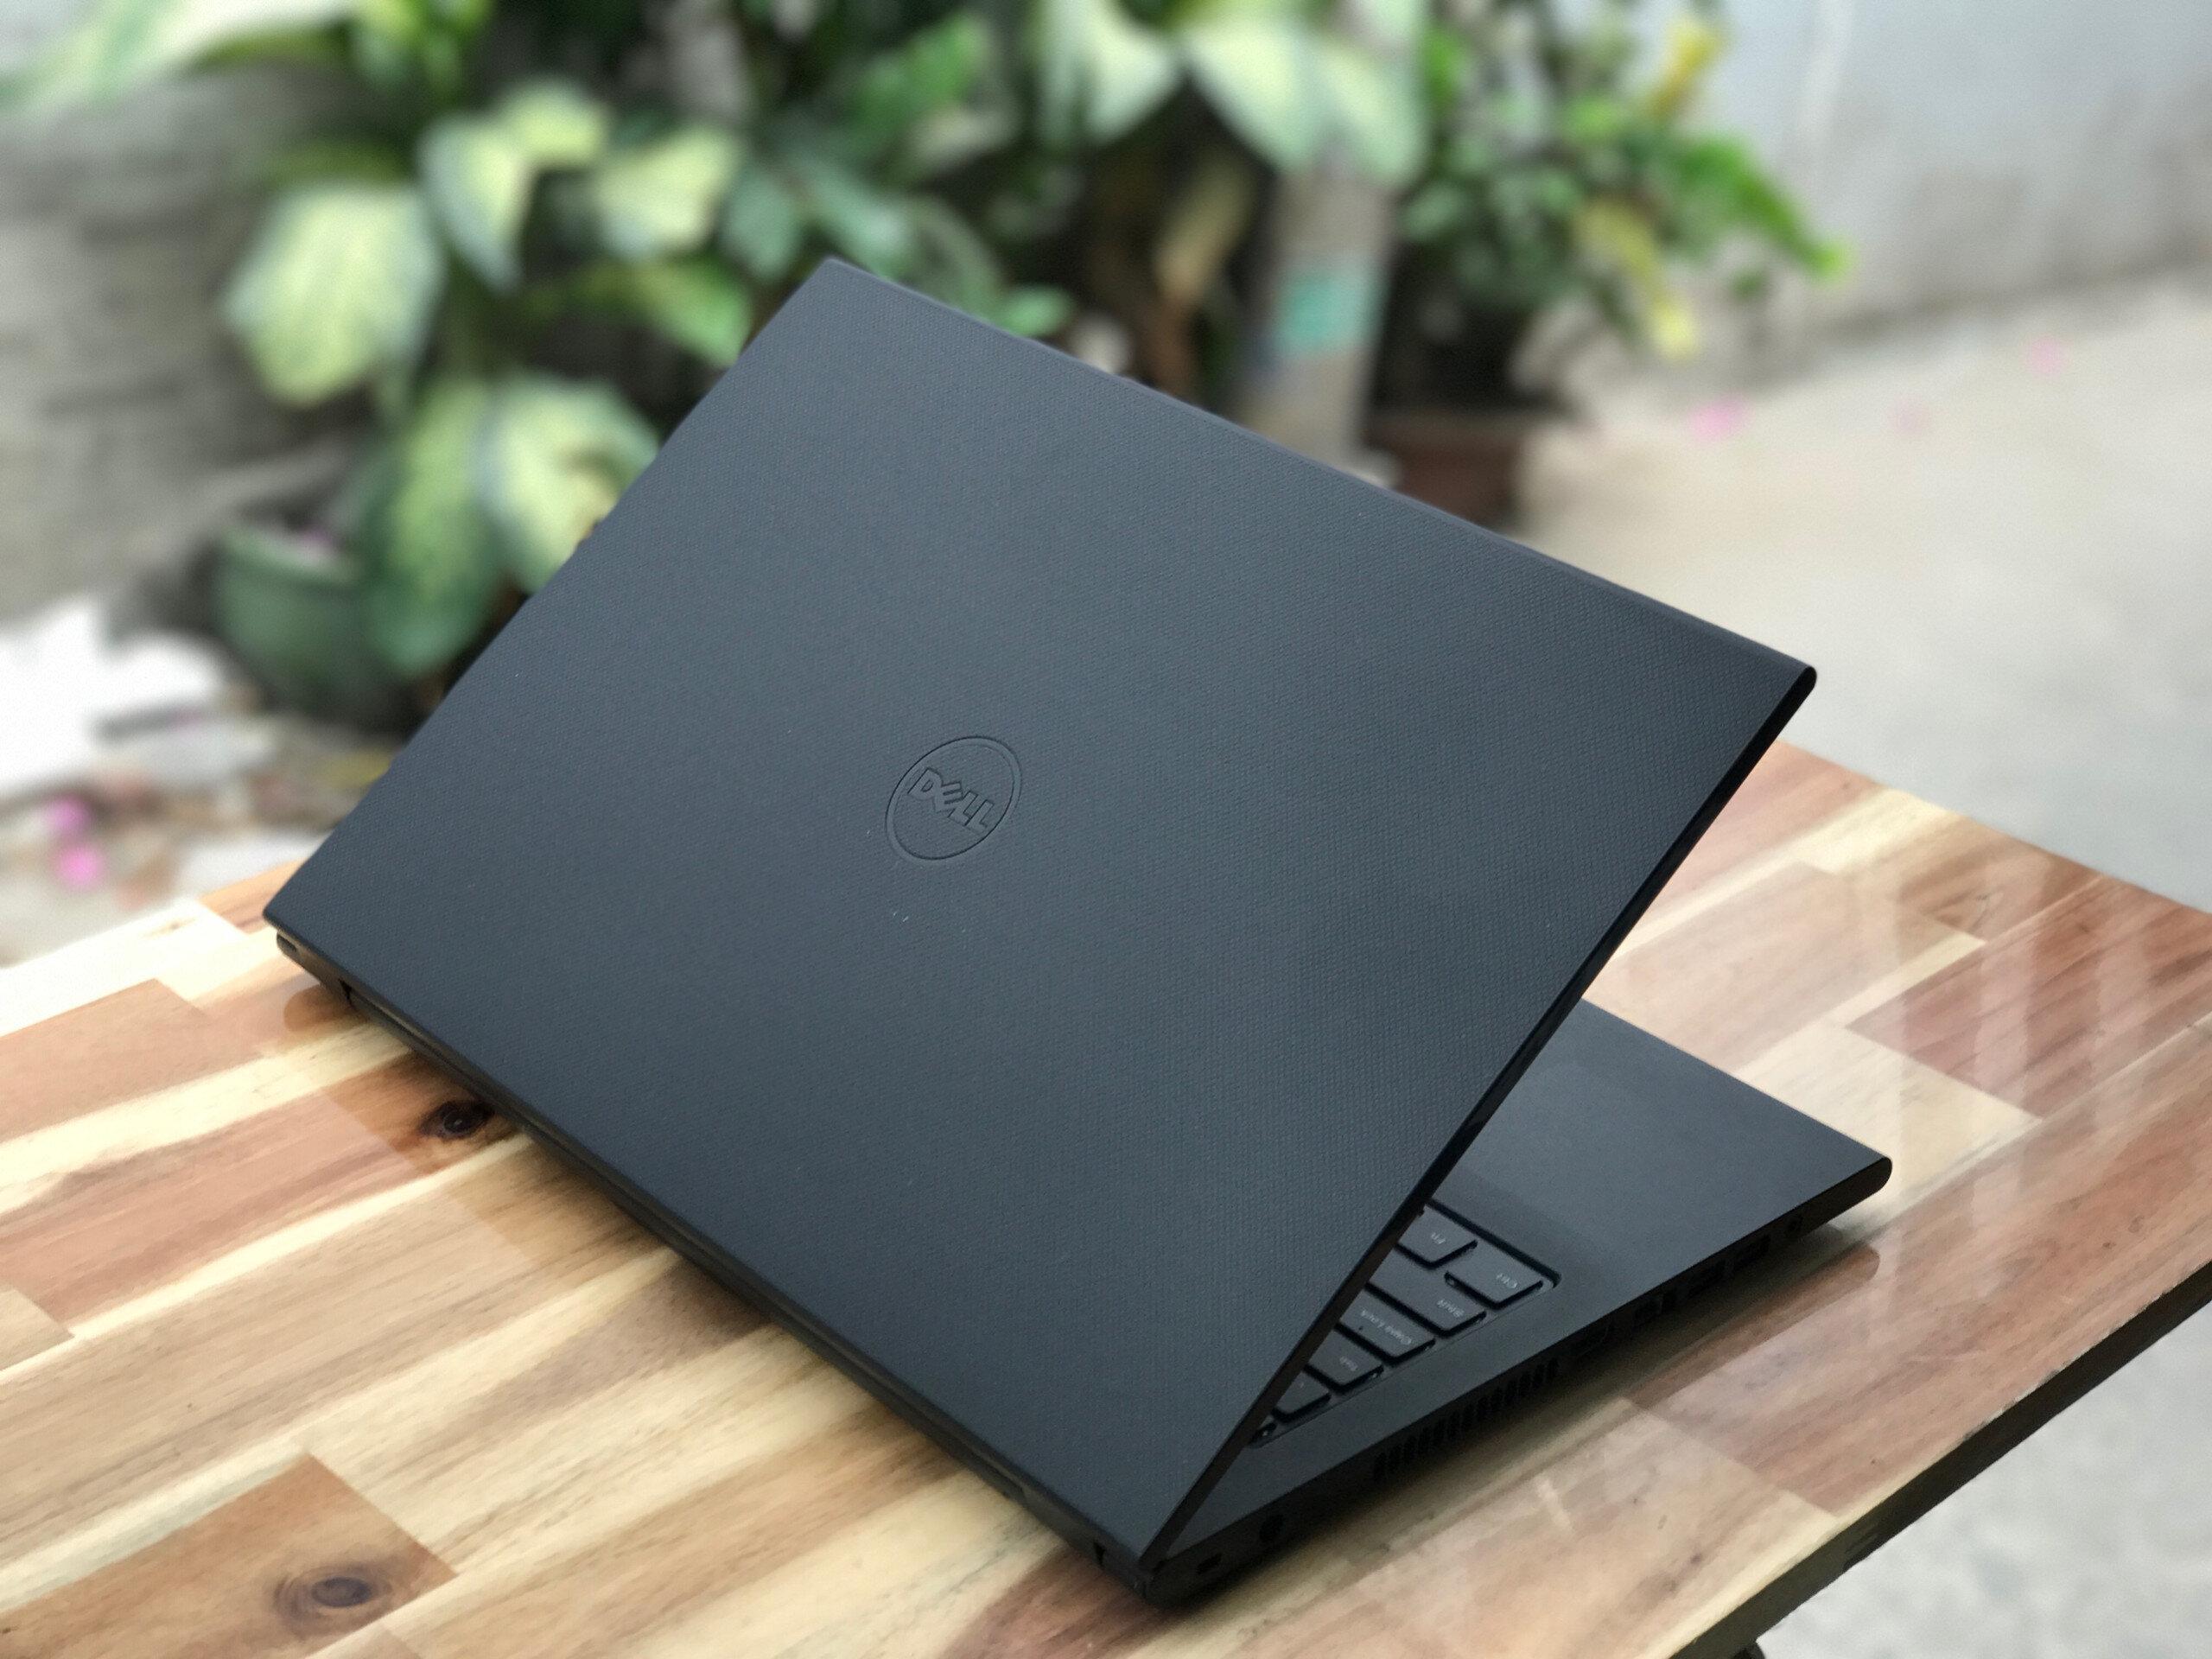 Vẻ ngoài đơn giản nhưng không kém phần tinh tế của Dell Inspiron 3542 i5-4210U